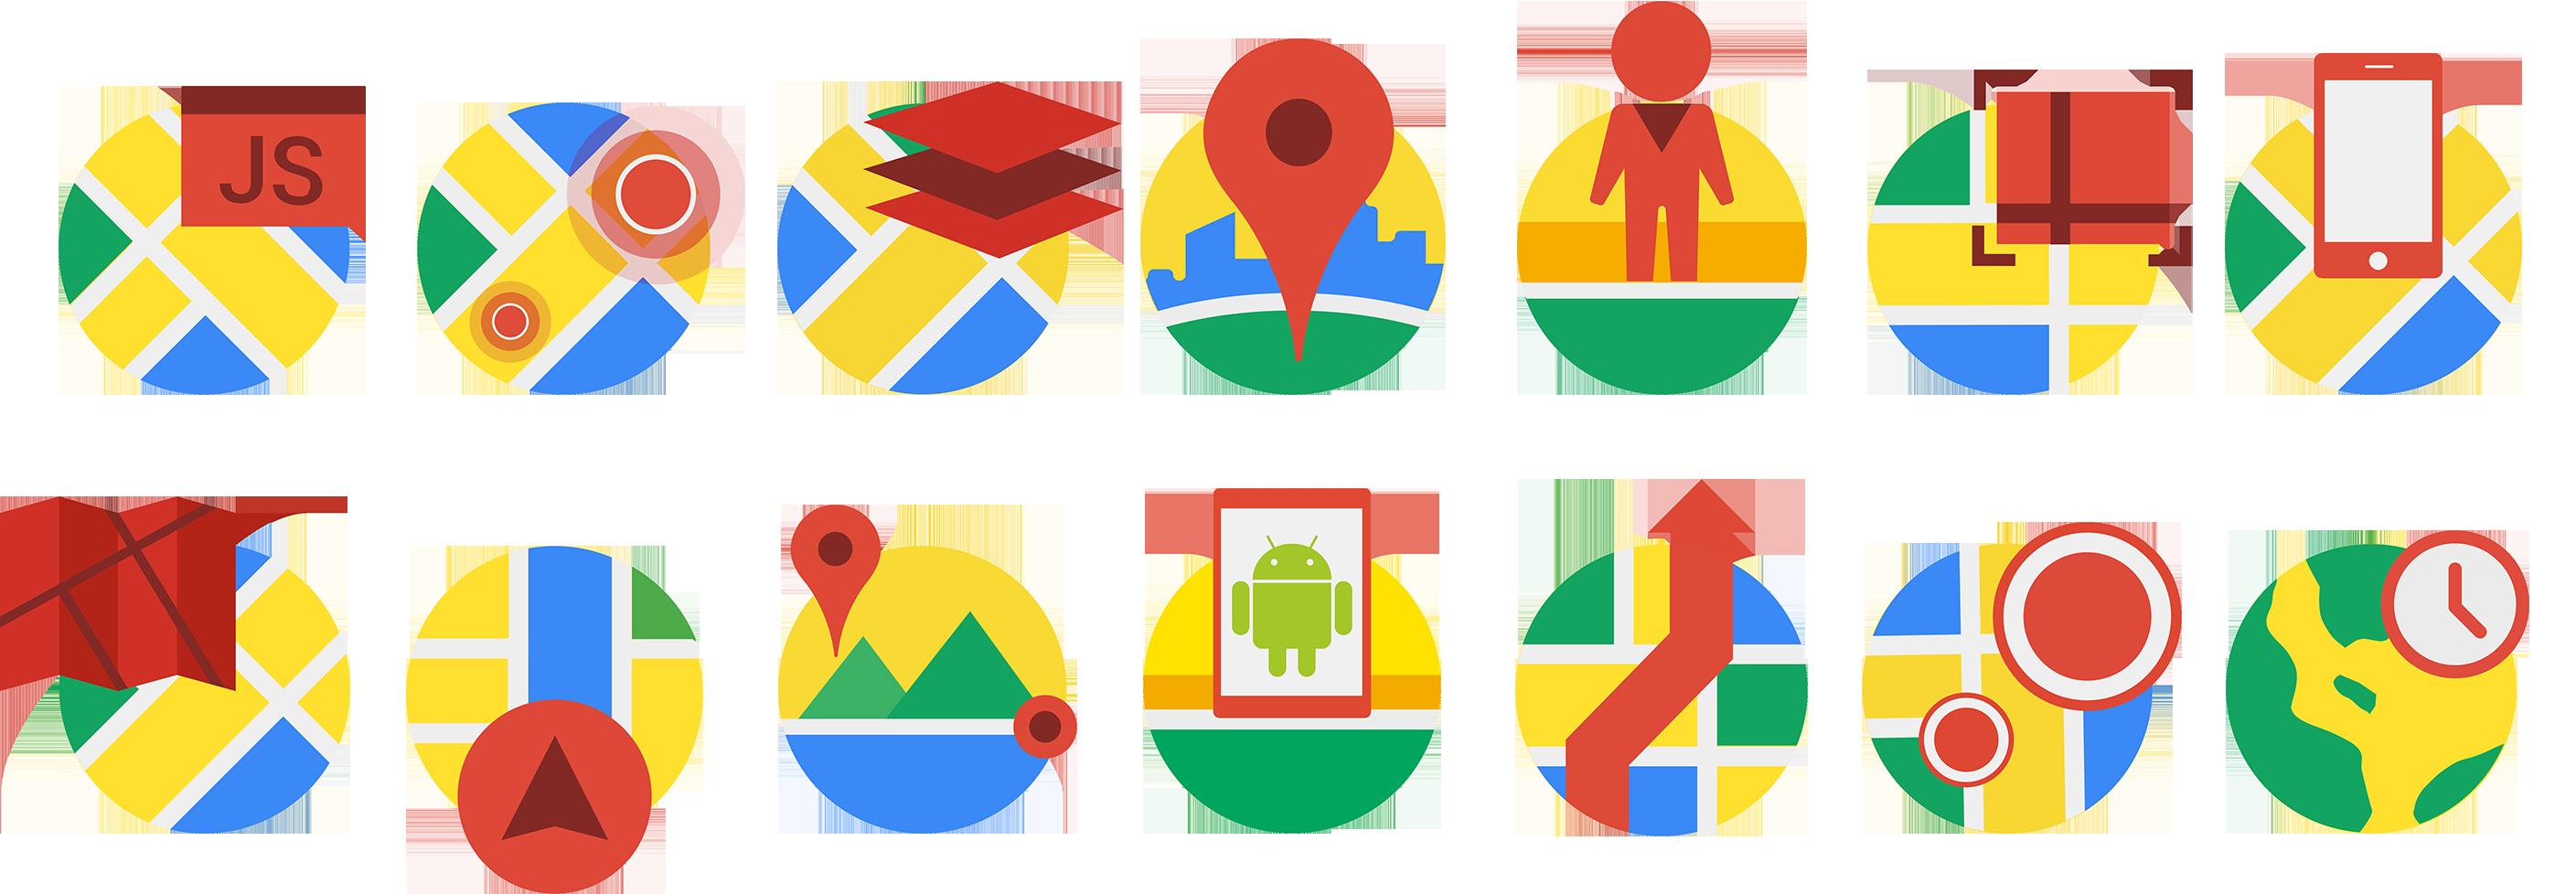 Google maps api clipart svg transparent library Maps-API-icon-list - Google Cloud Premier Partner   G Suite - Cloud ... svg transparent library